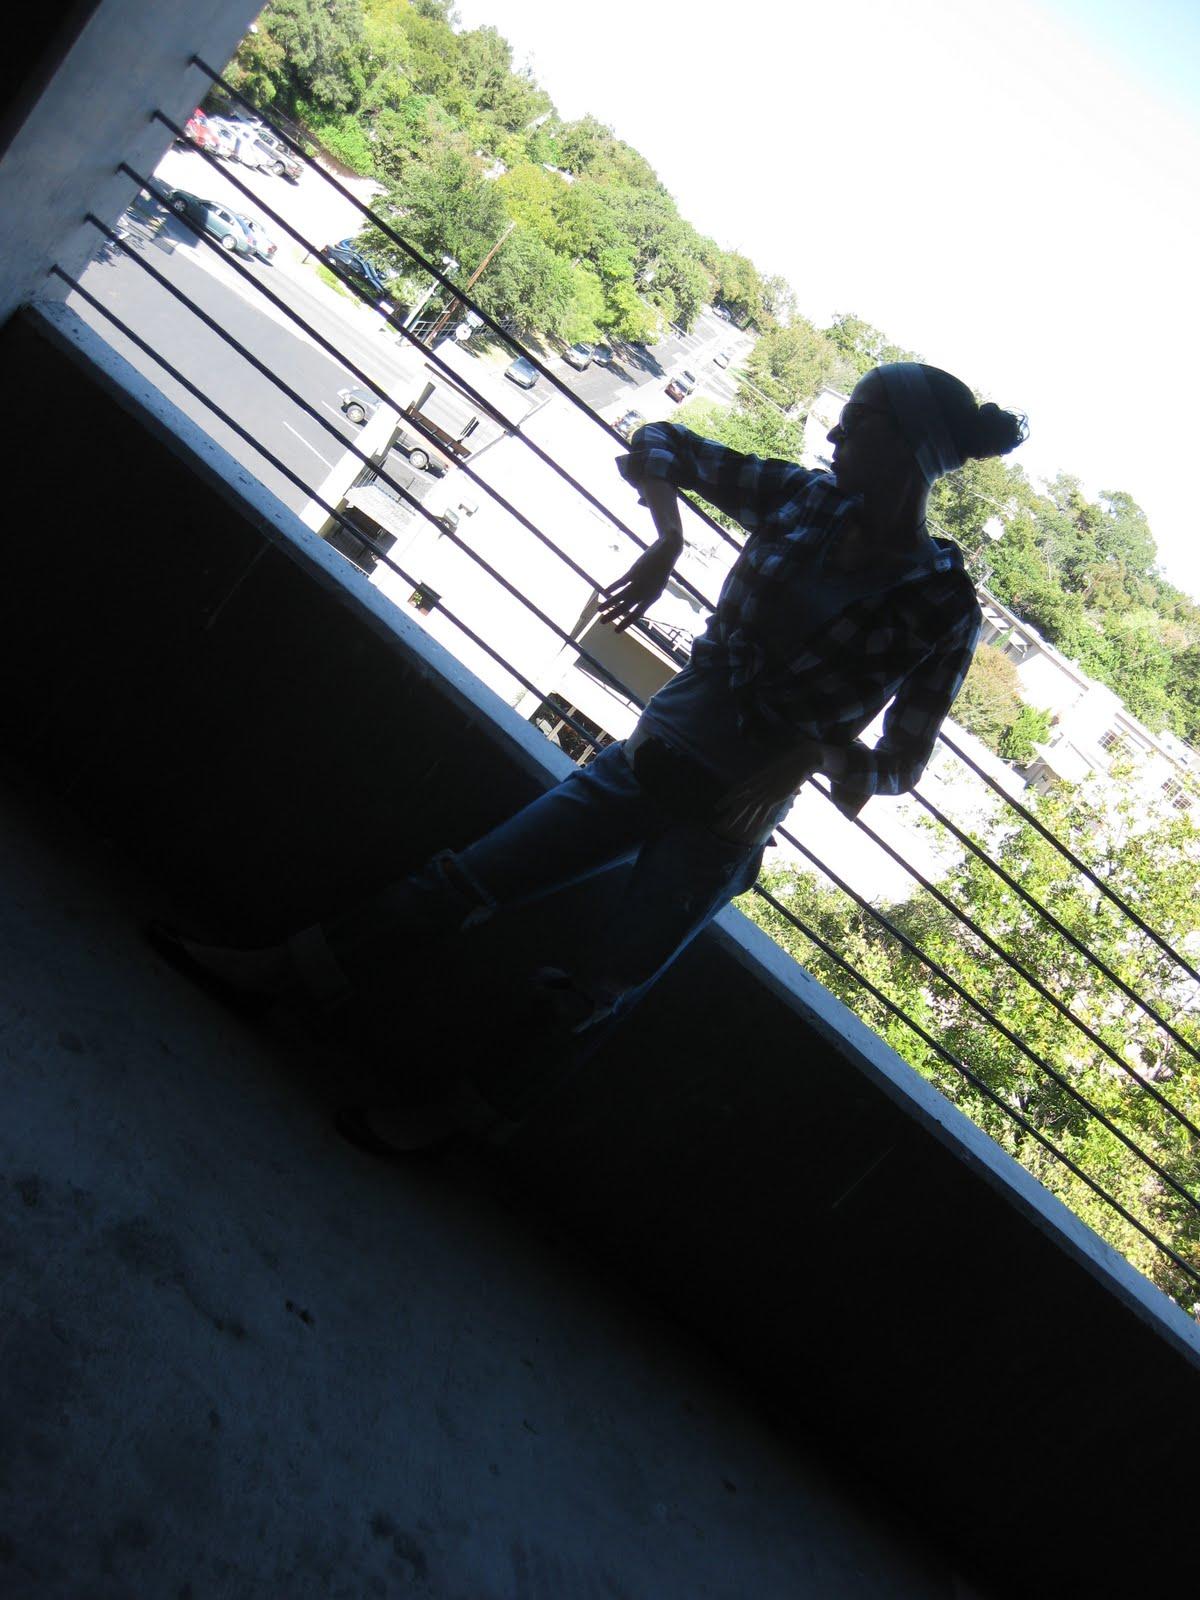 http://4.bp.blogspot.com/_JI8nxlKE9KA/TM3ueep_FaI/AAAAAAAADpk/iFKWw4x7aY8/s1600/IMG_2350.JPG